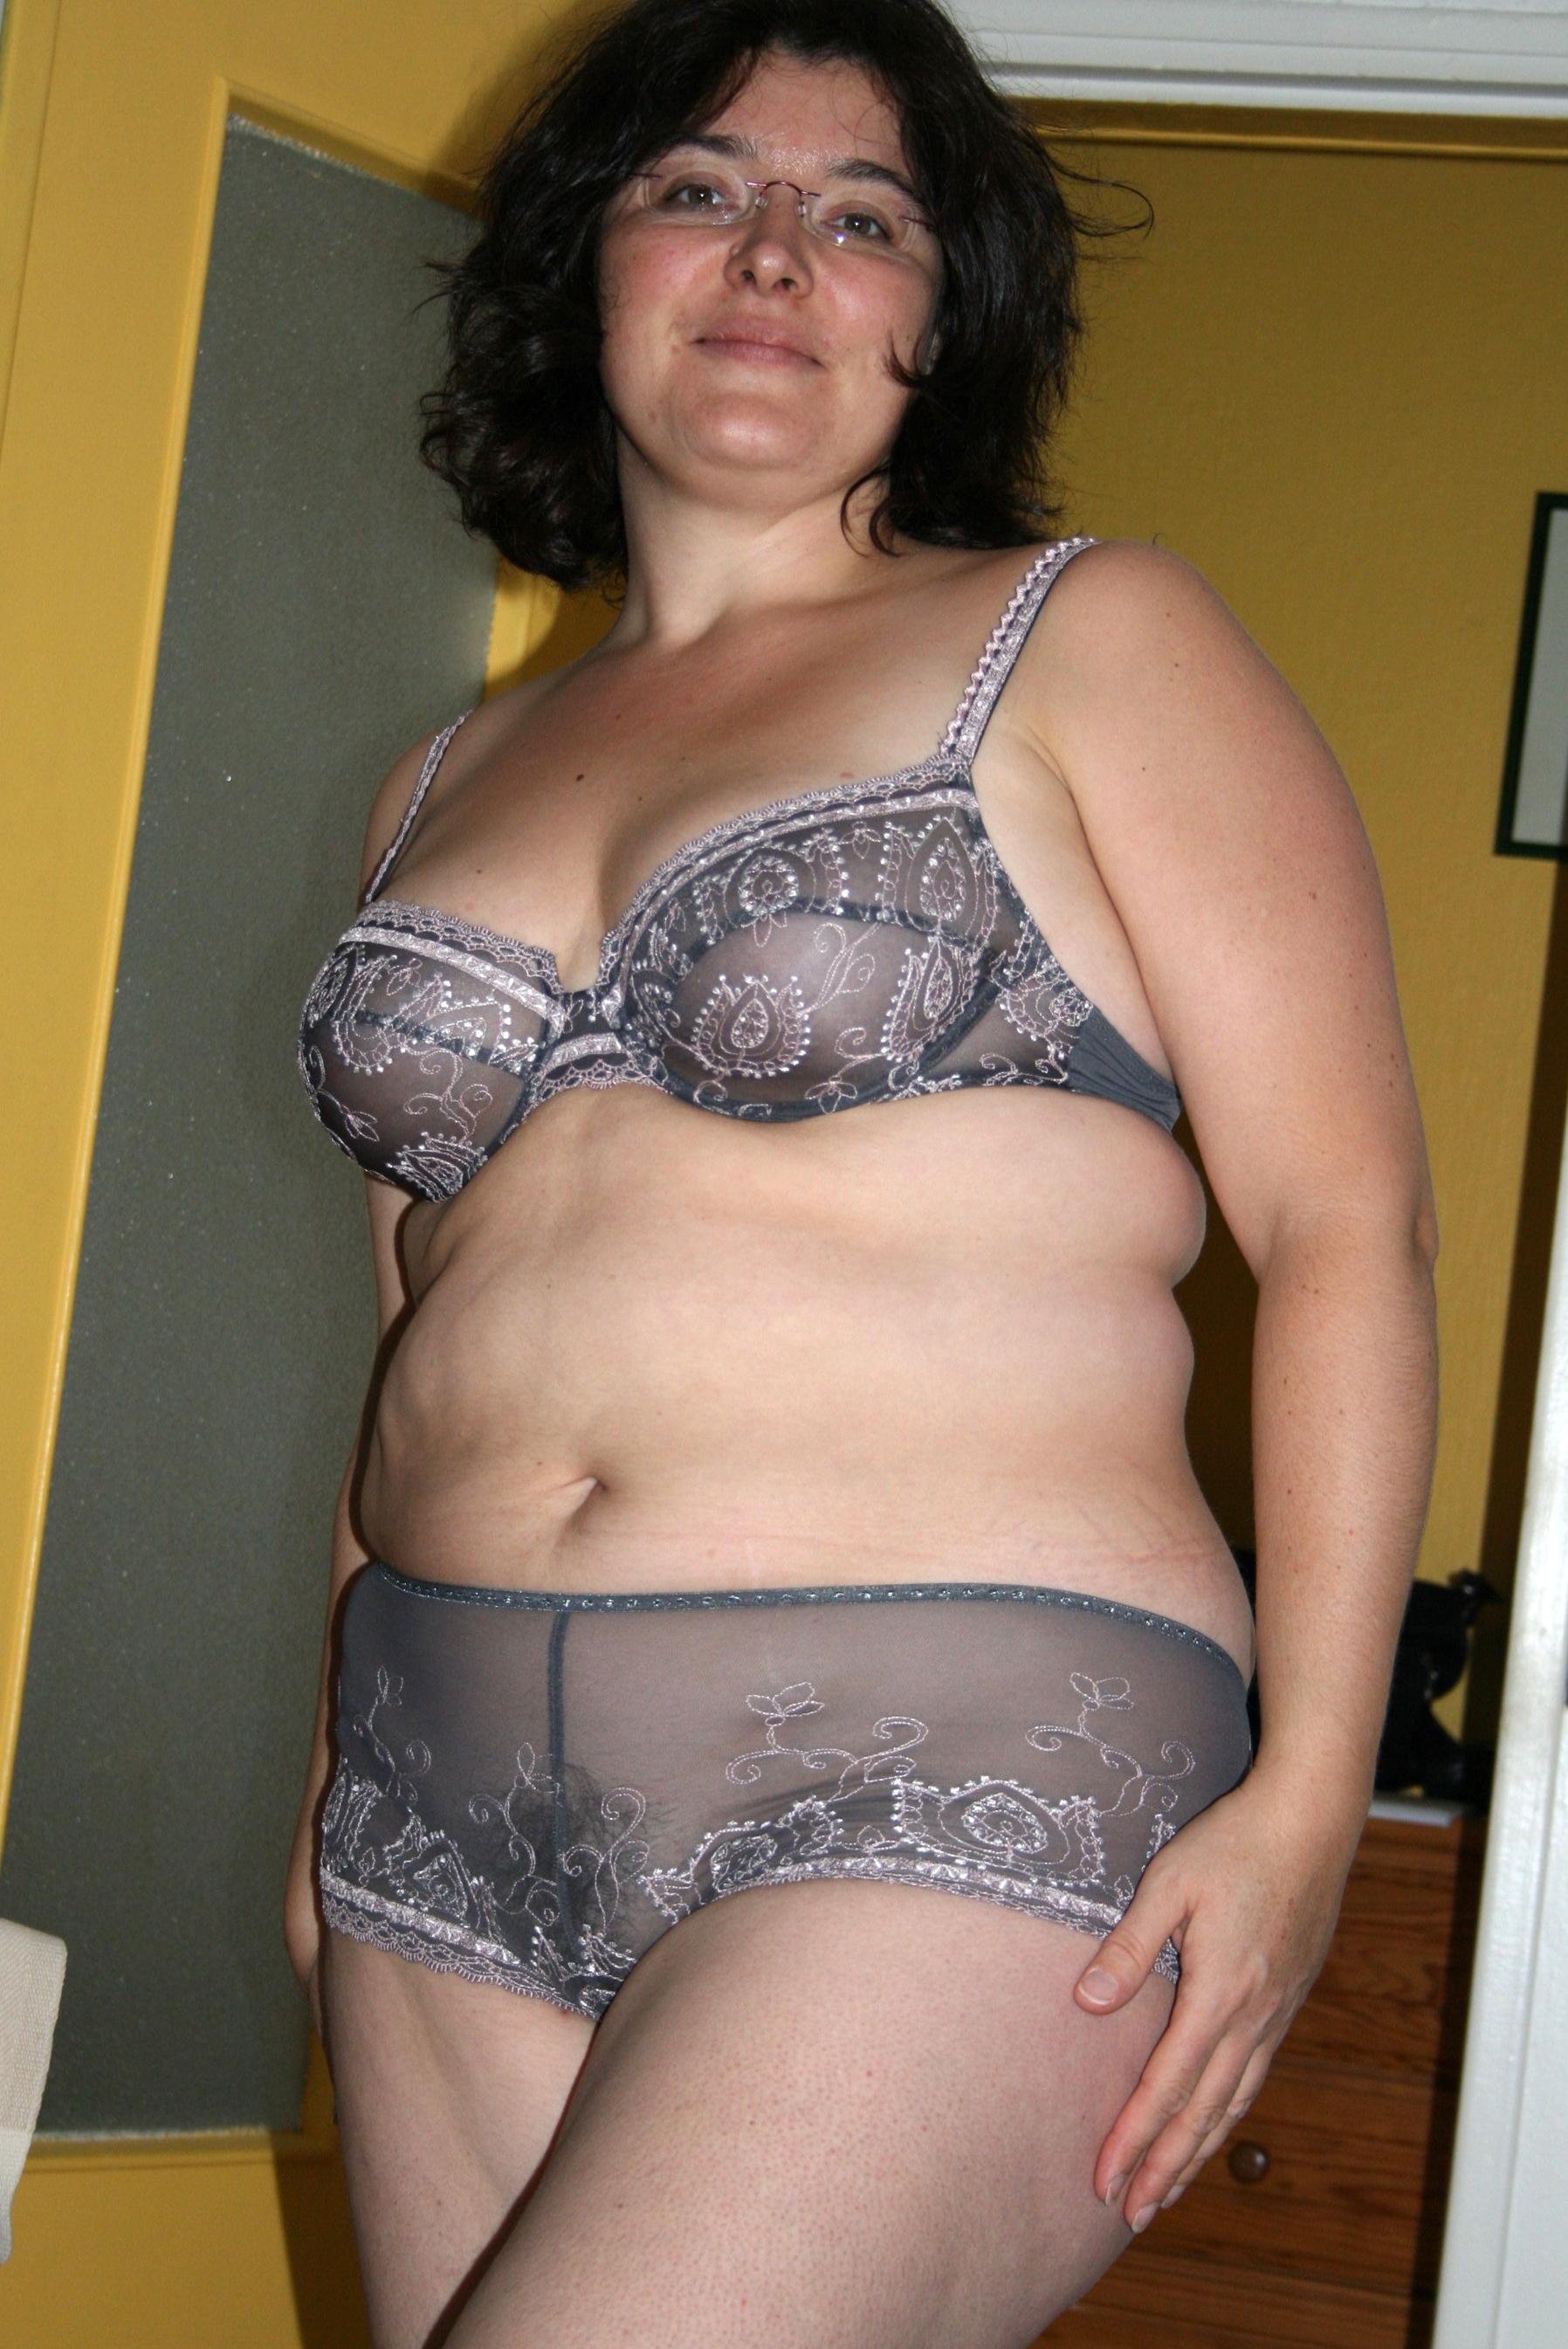 XXX moms in lingerie xxx pics